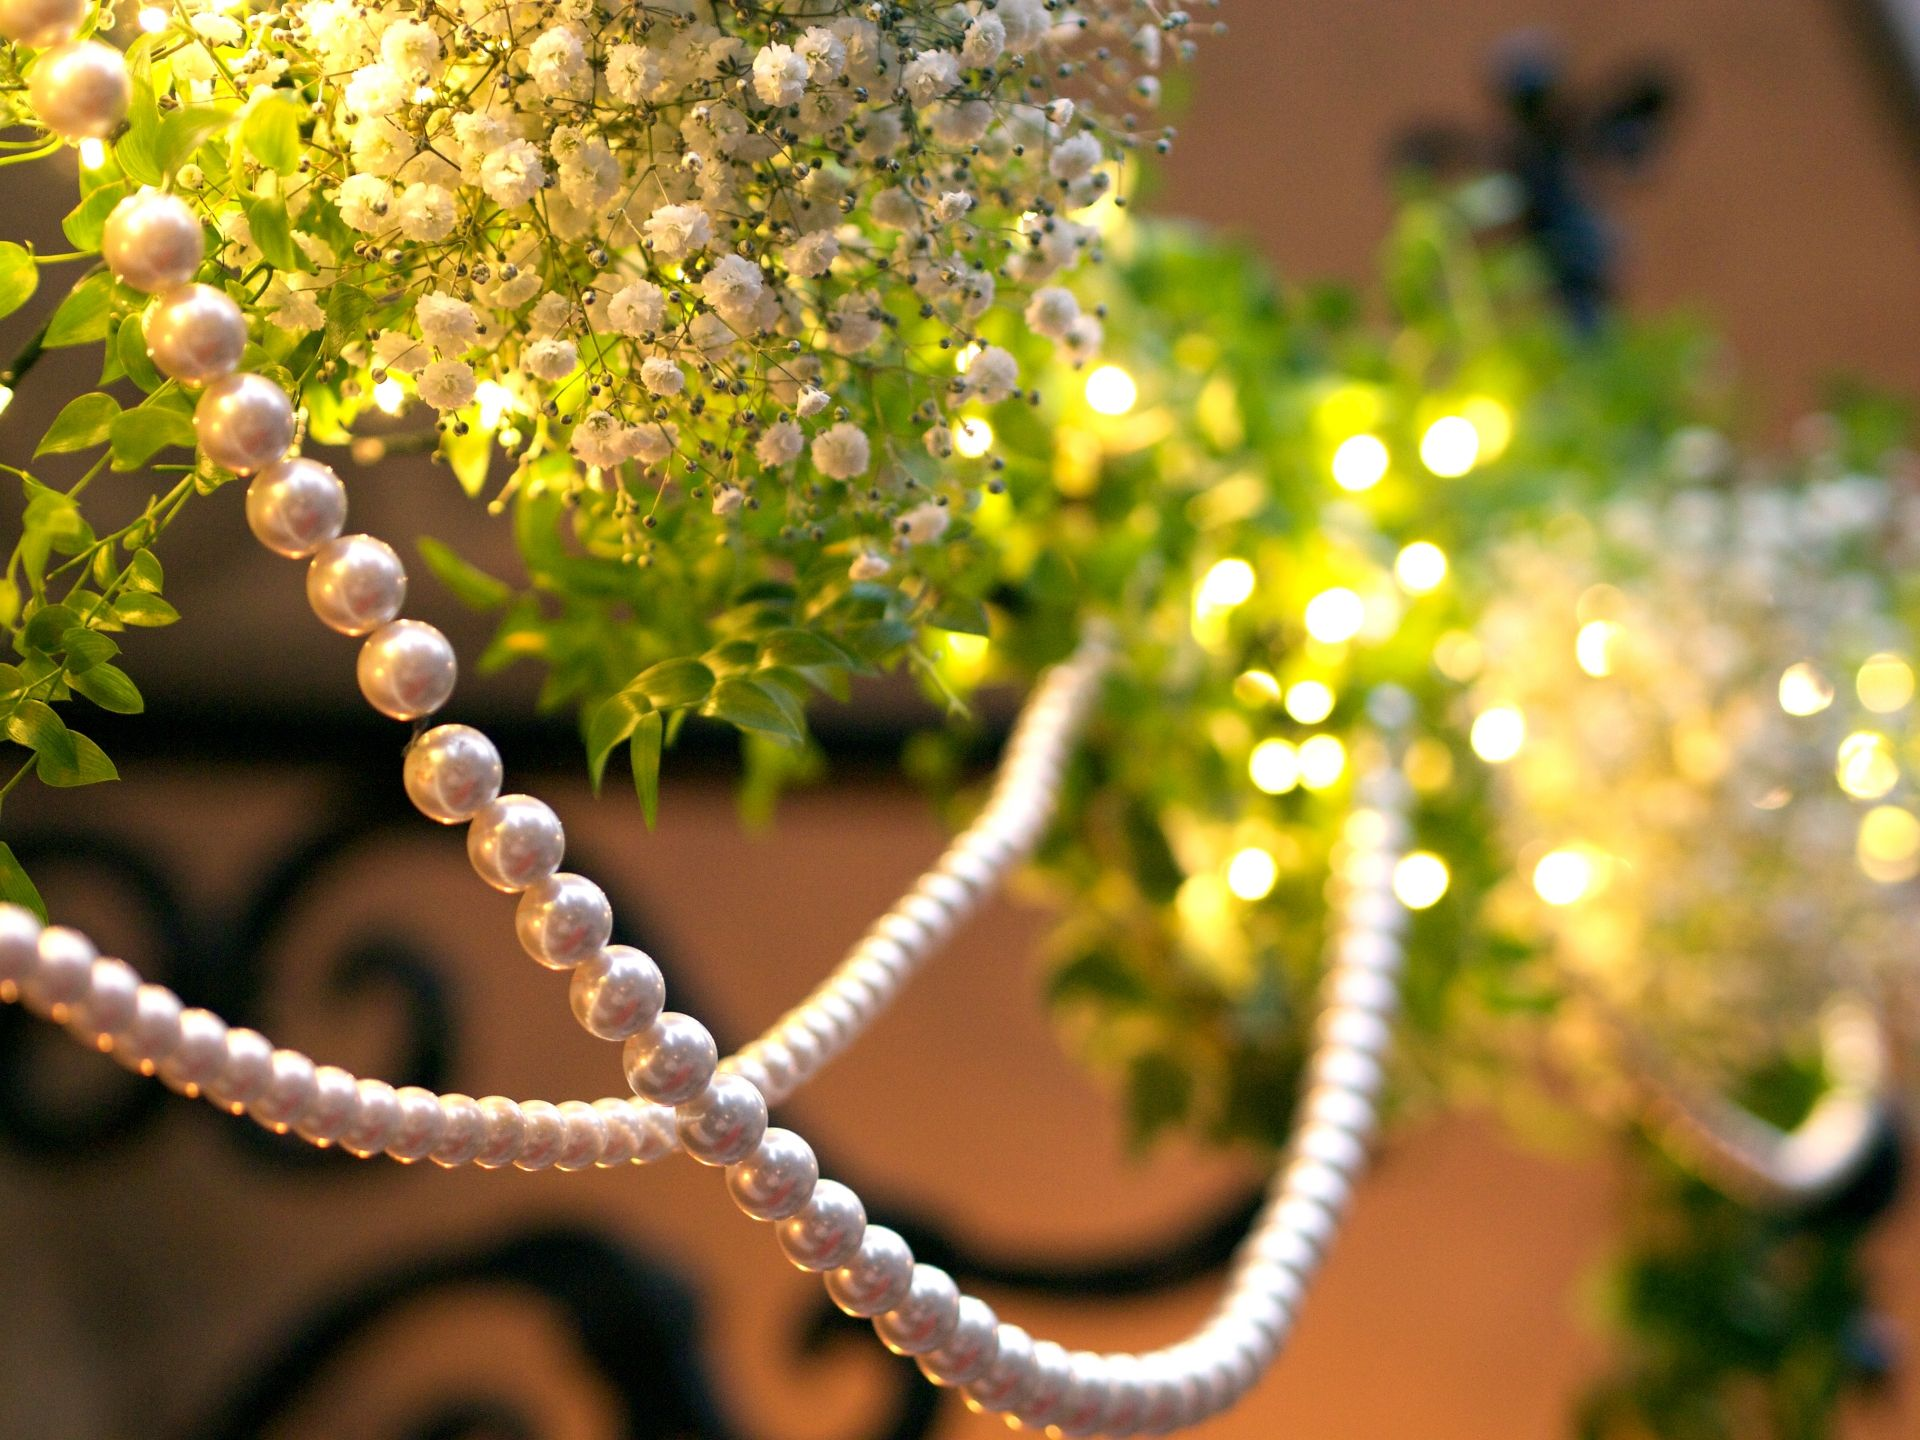 結婚式場を活用した「理想の暮らしのアイディア探し」